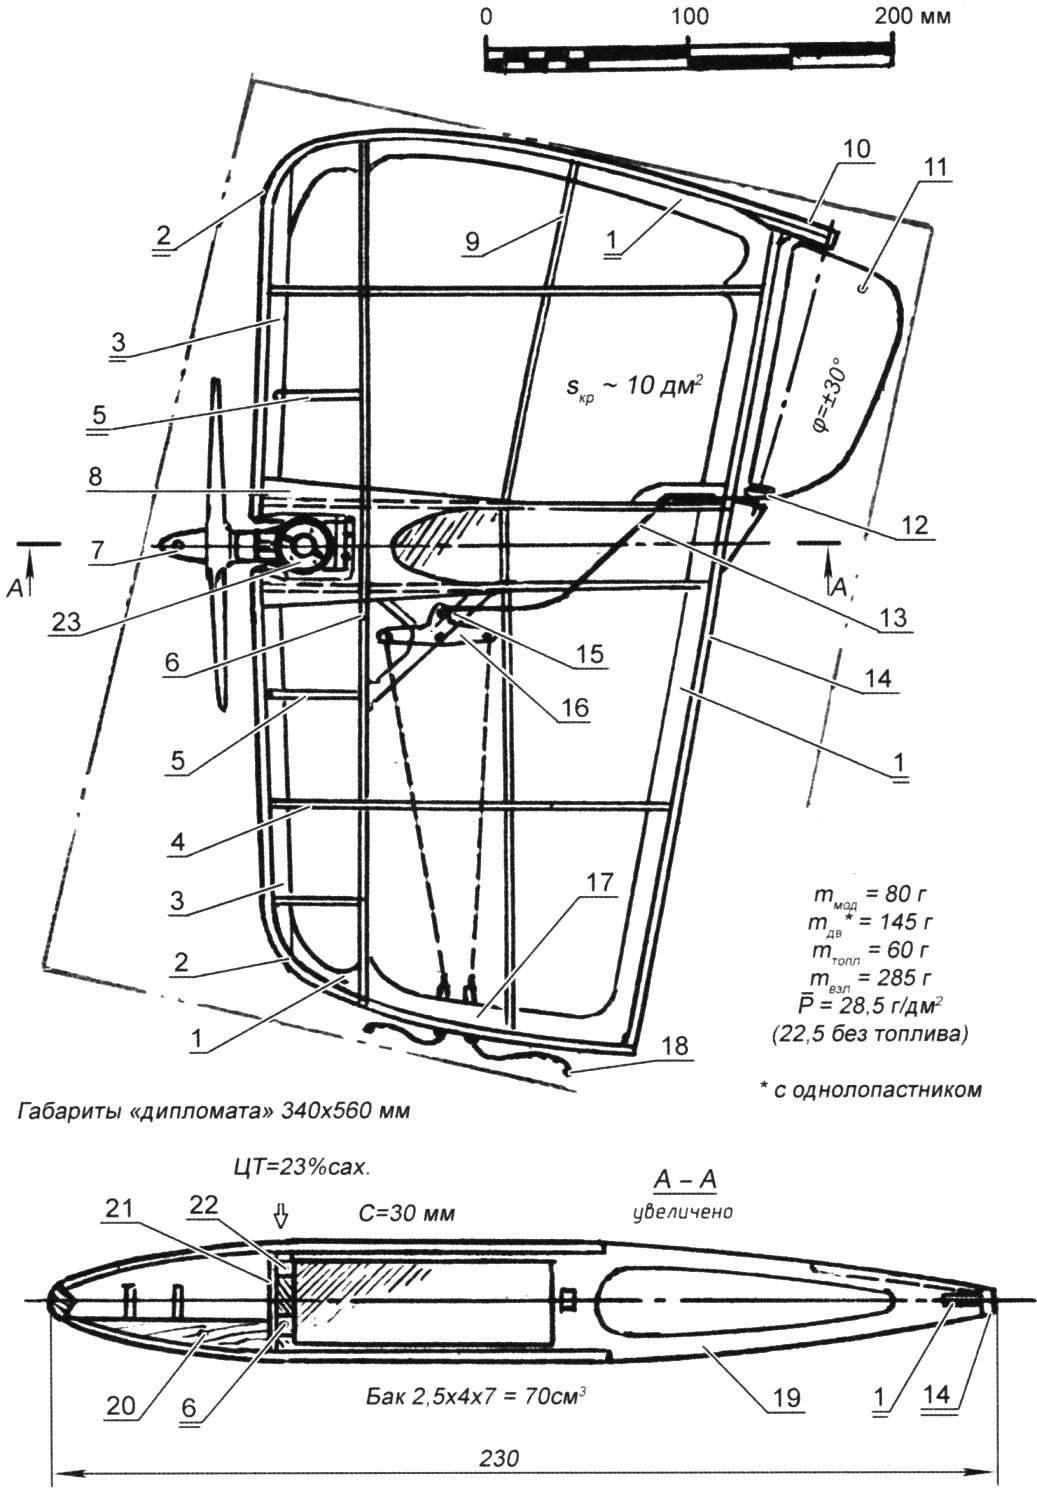 Первоначальный вариант модели воздушного боя (вверху - общий вид)